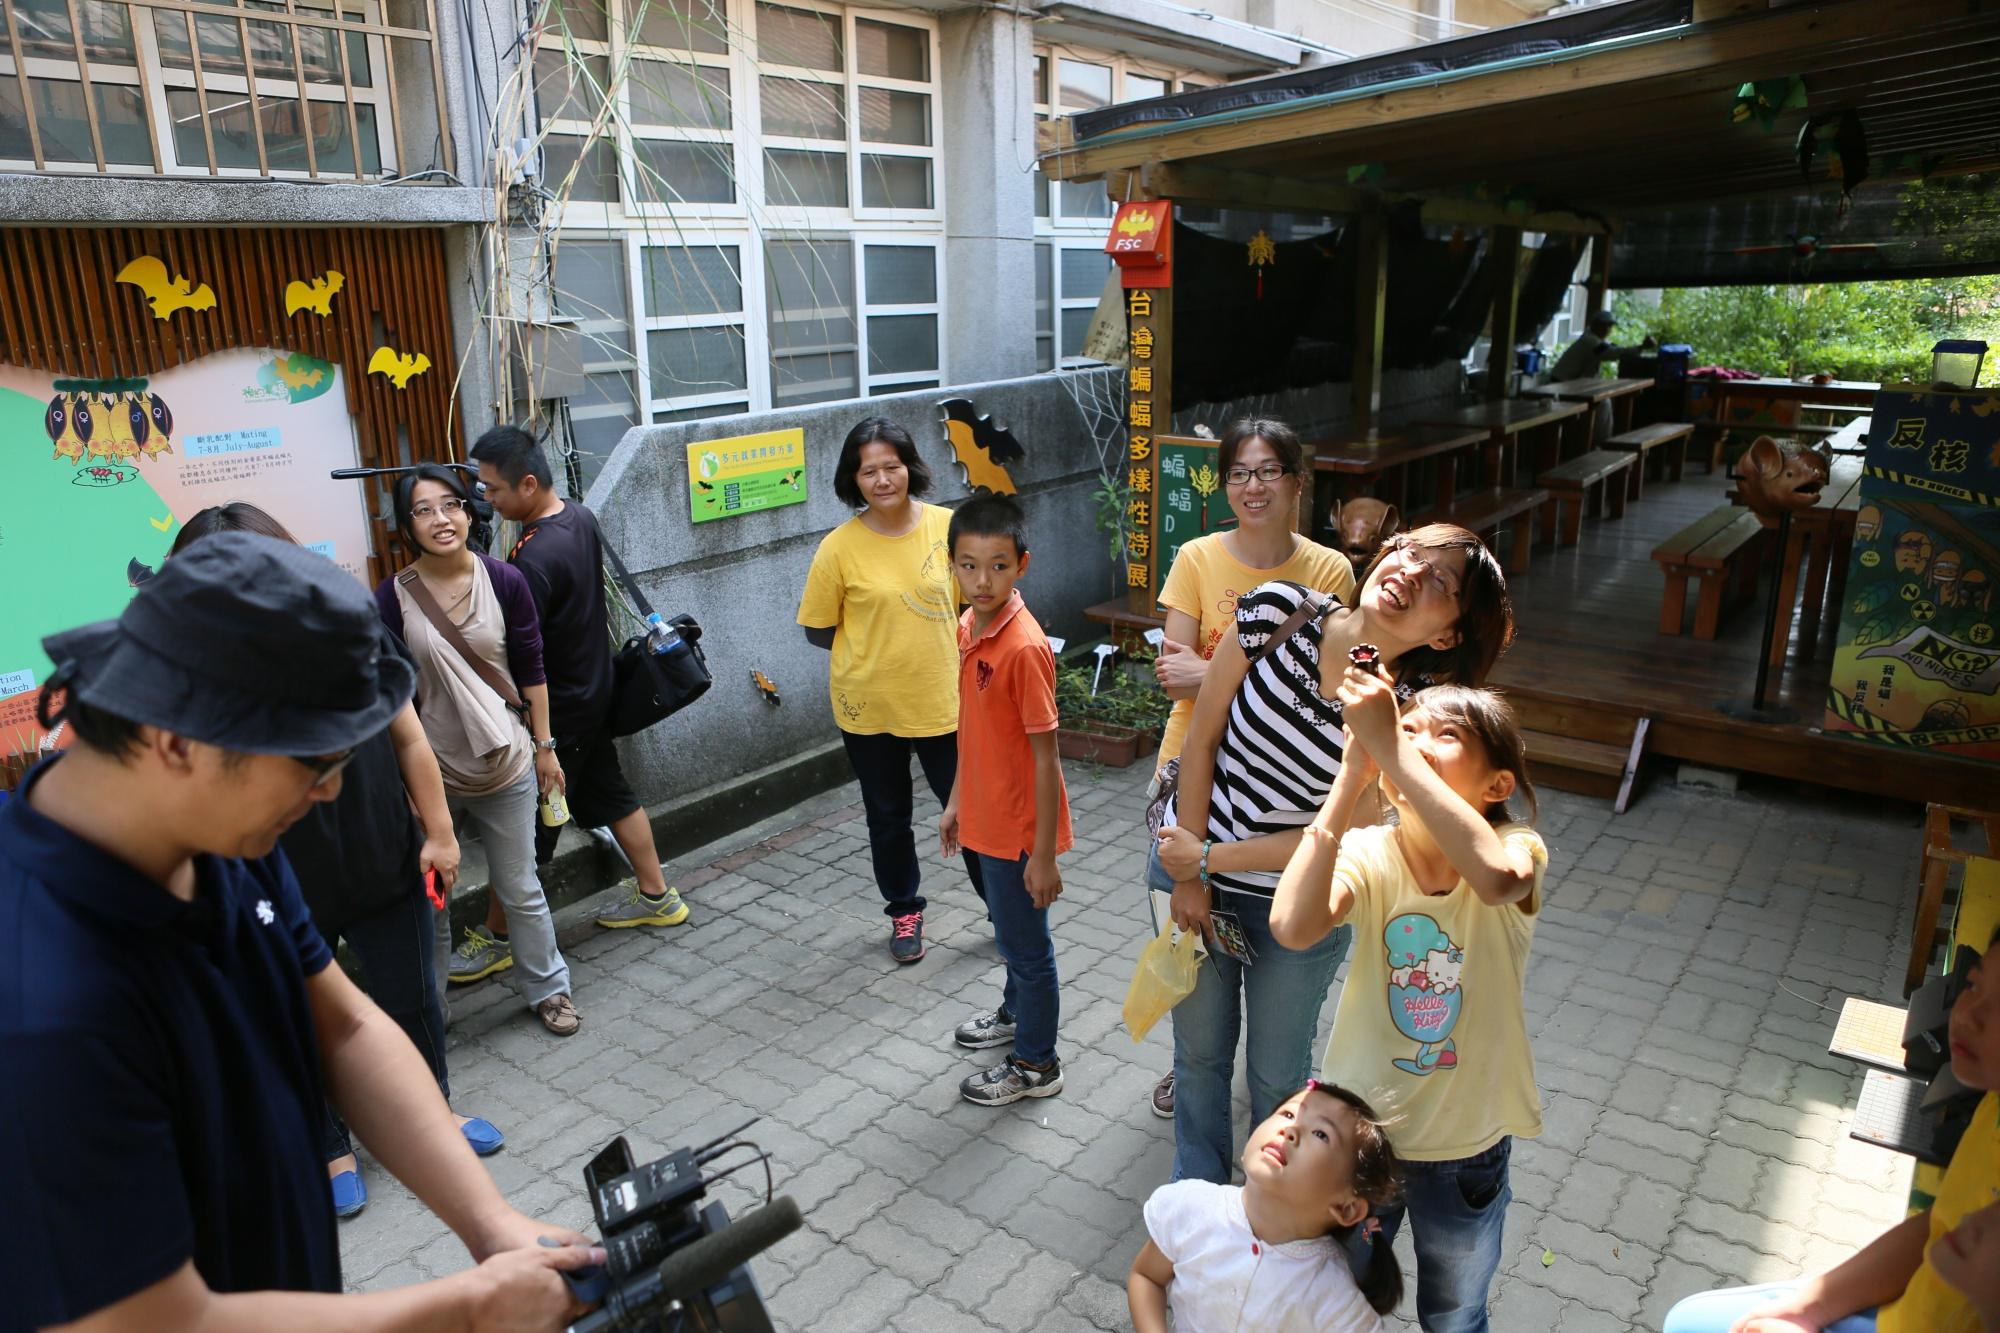 2011年6月大愛電視台地球的孩子節目錄影